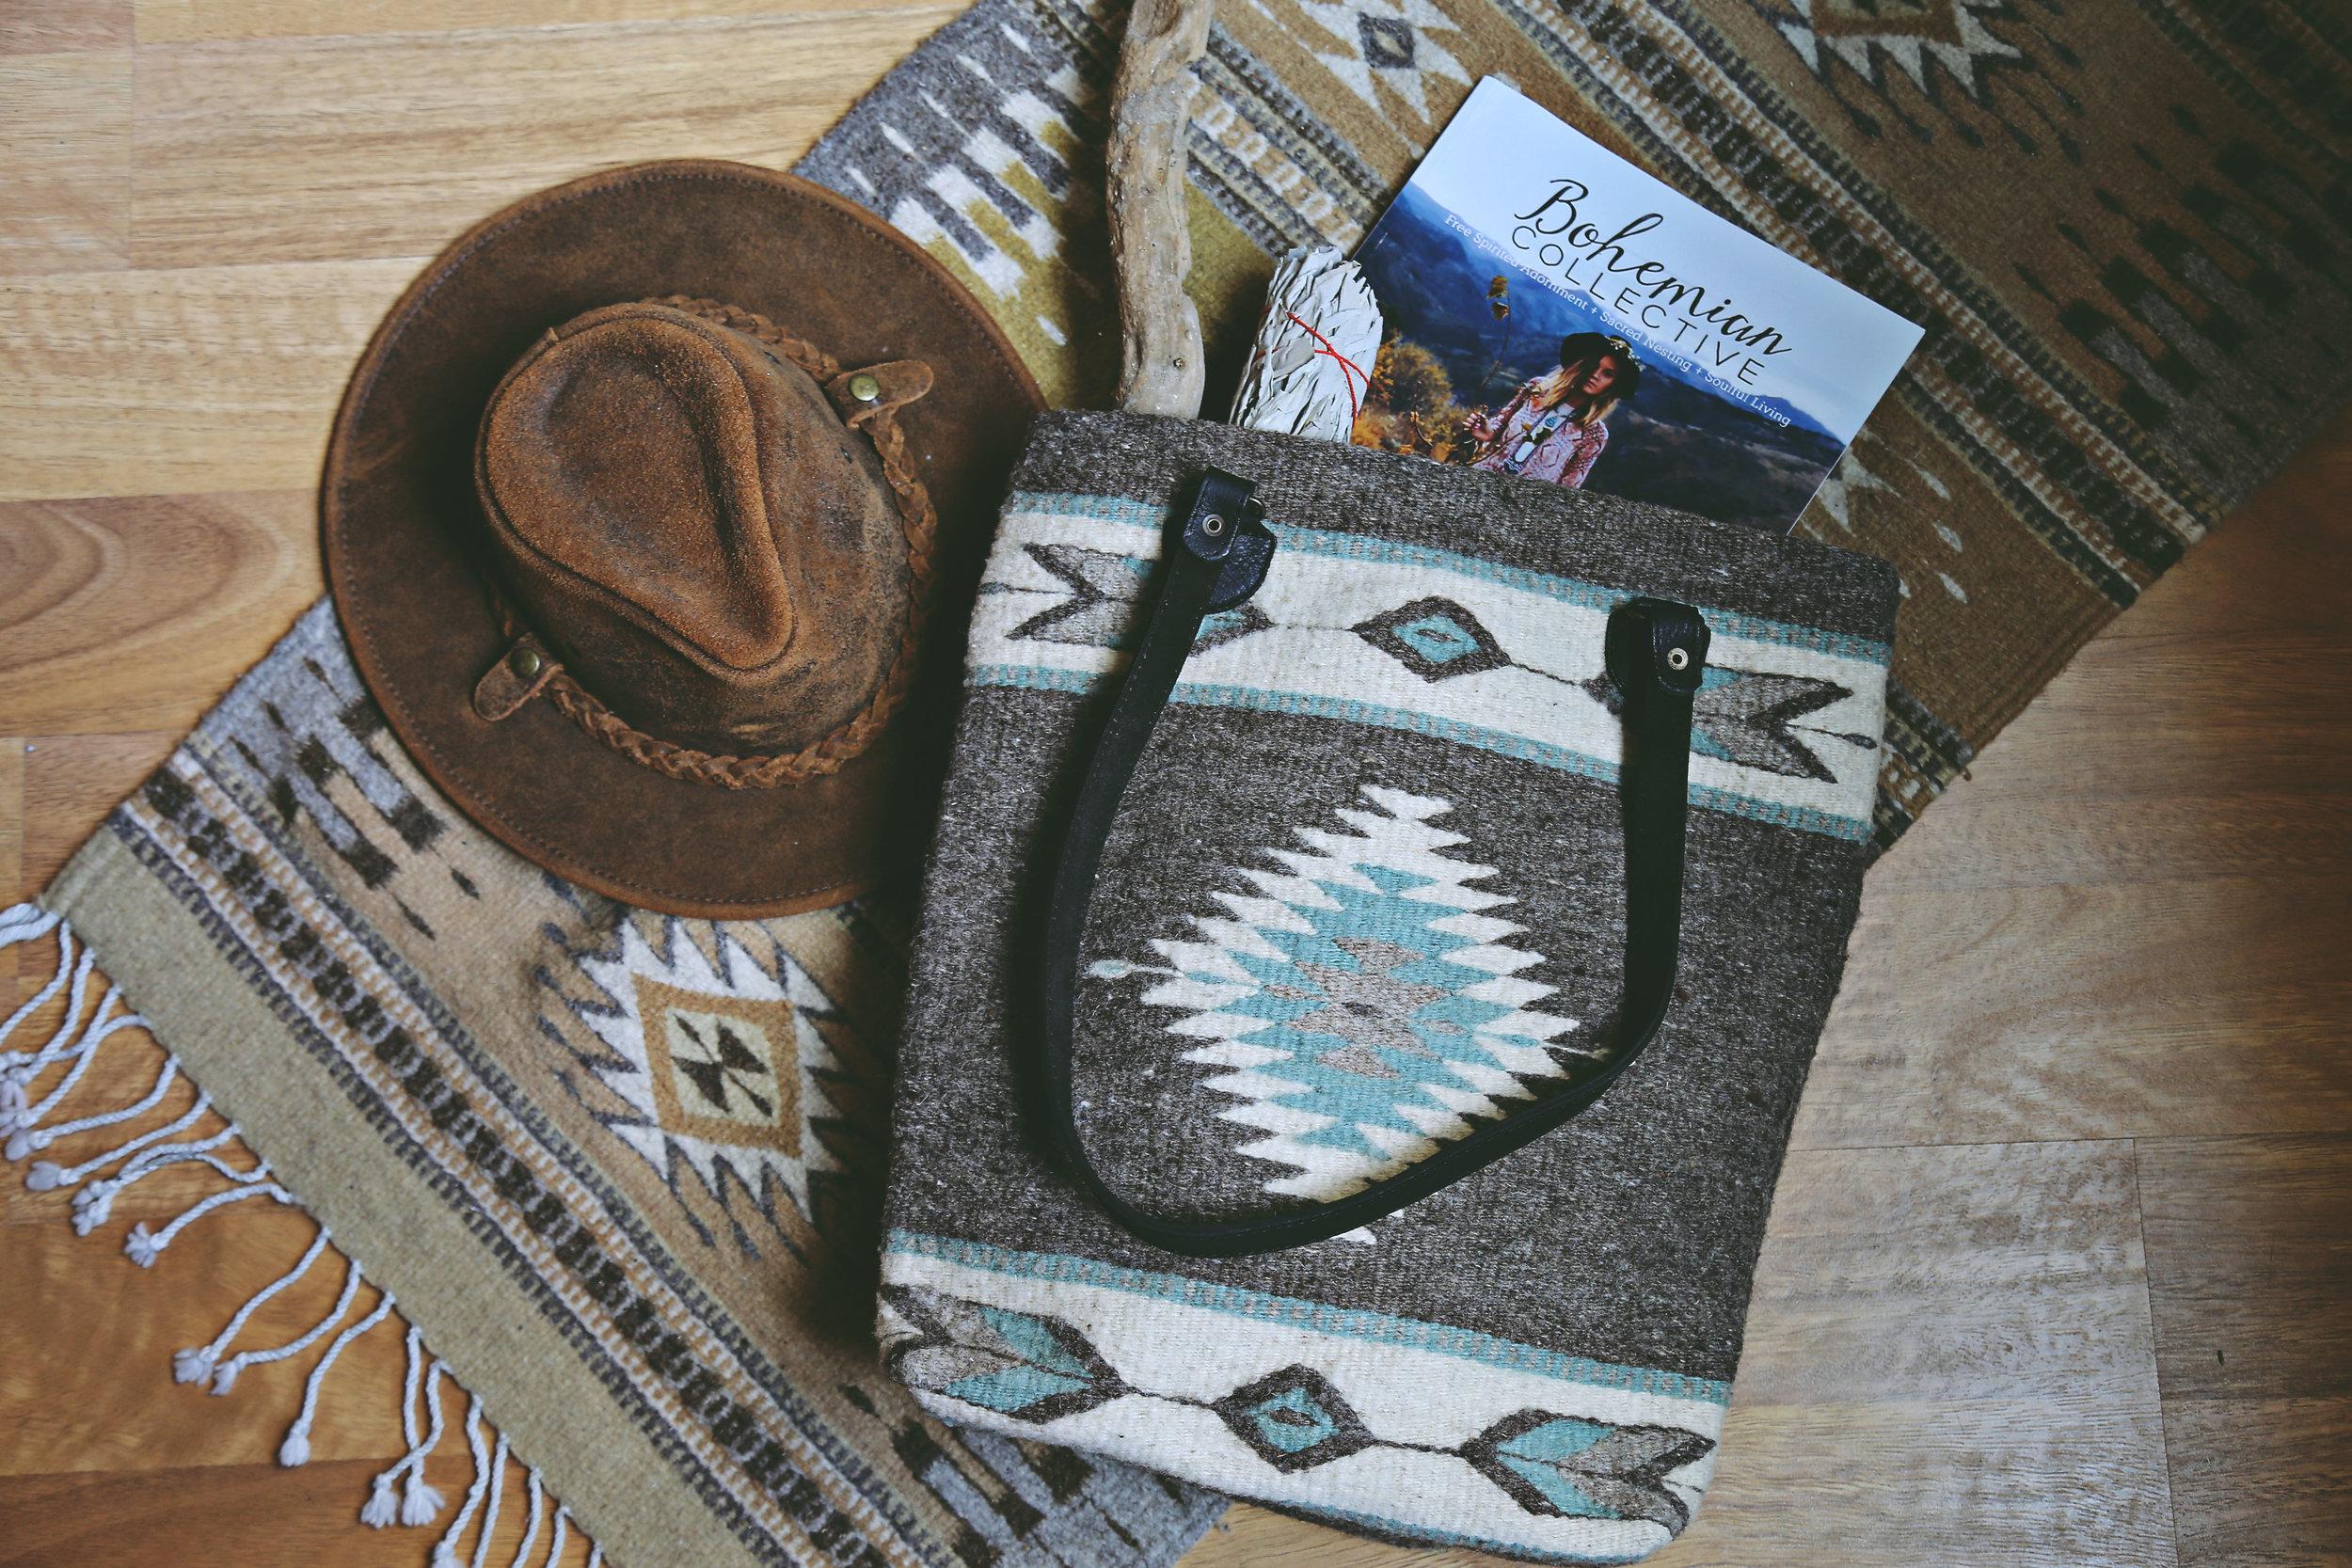 Manos Zapotecas Bags via bohocollective.com